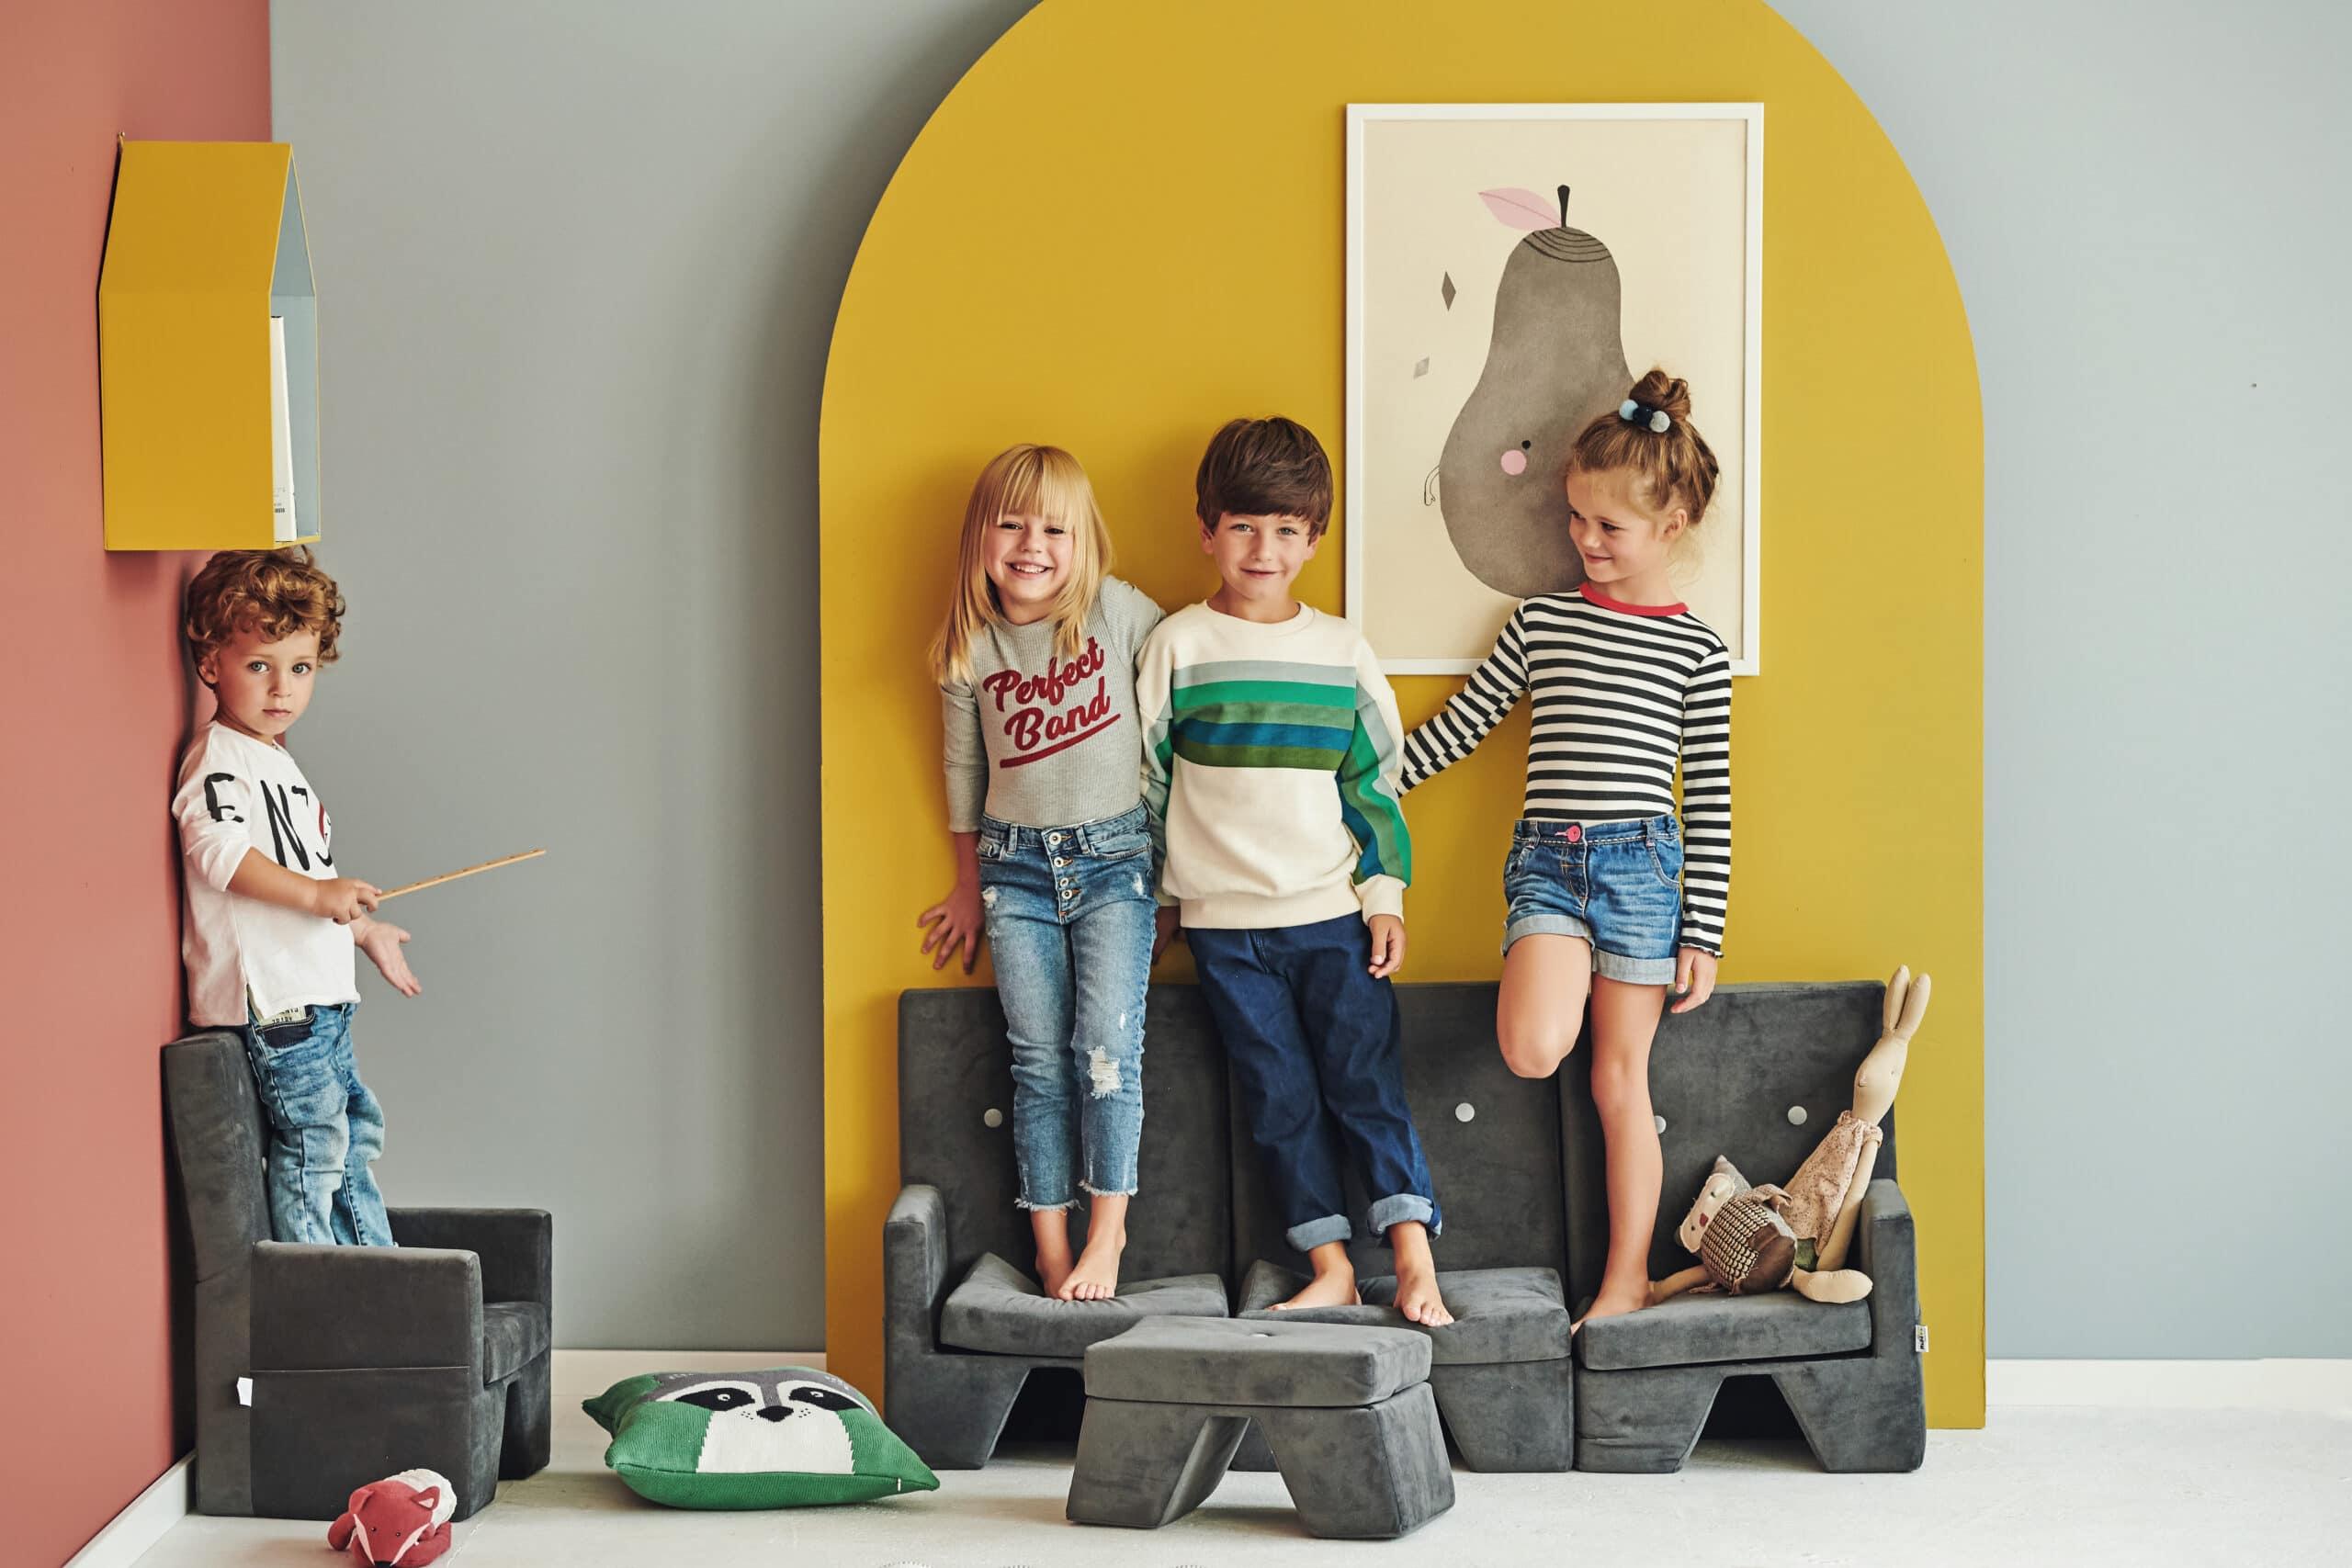 Jakie korzyści dają zabawy ruchowe dla dzieci?